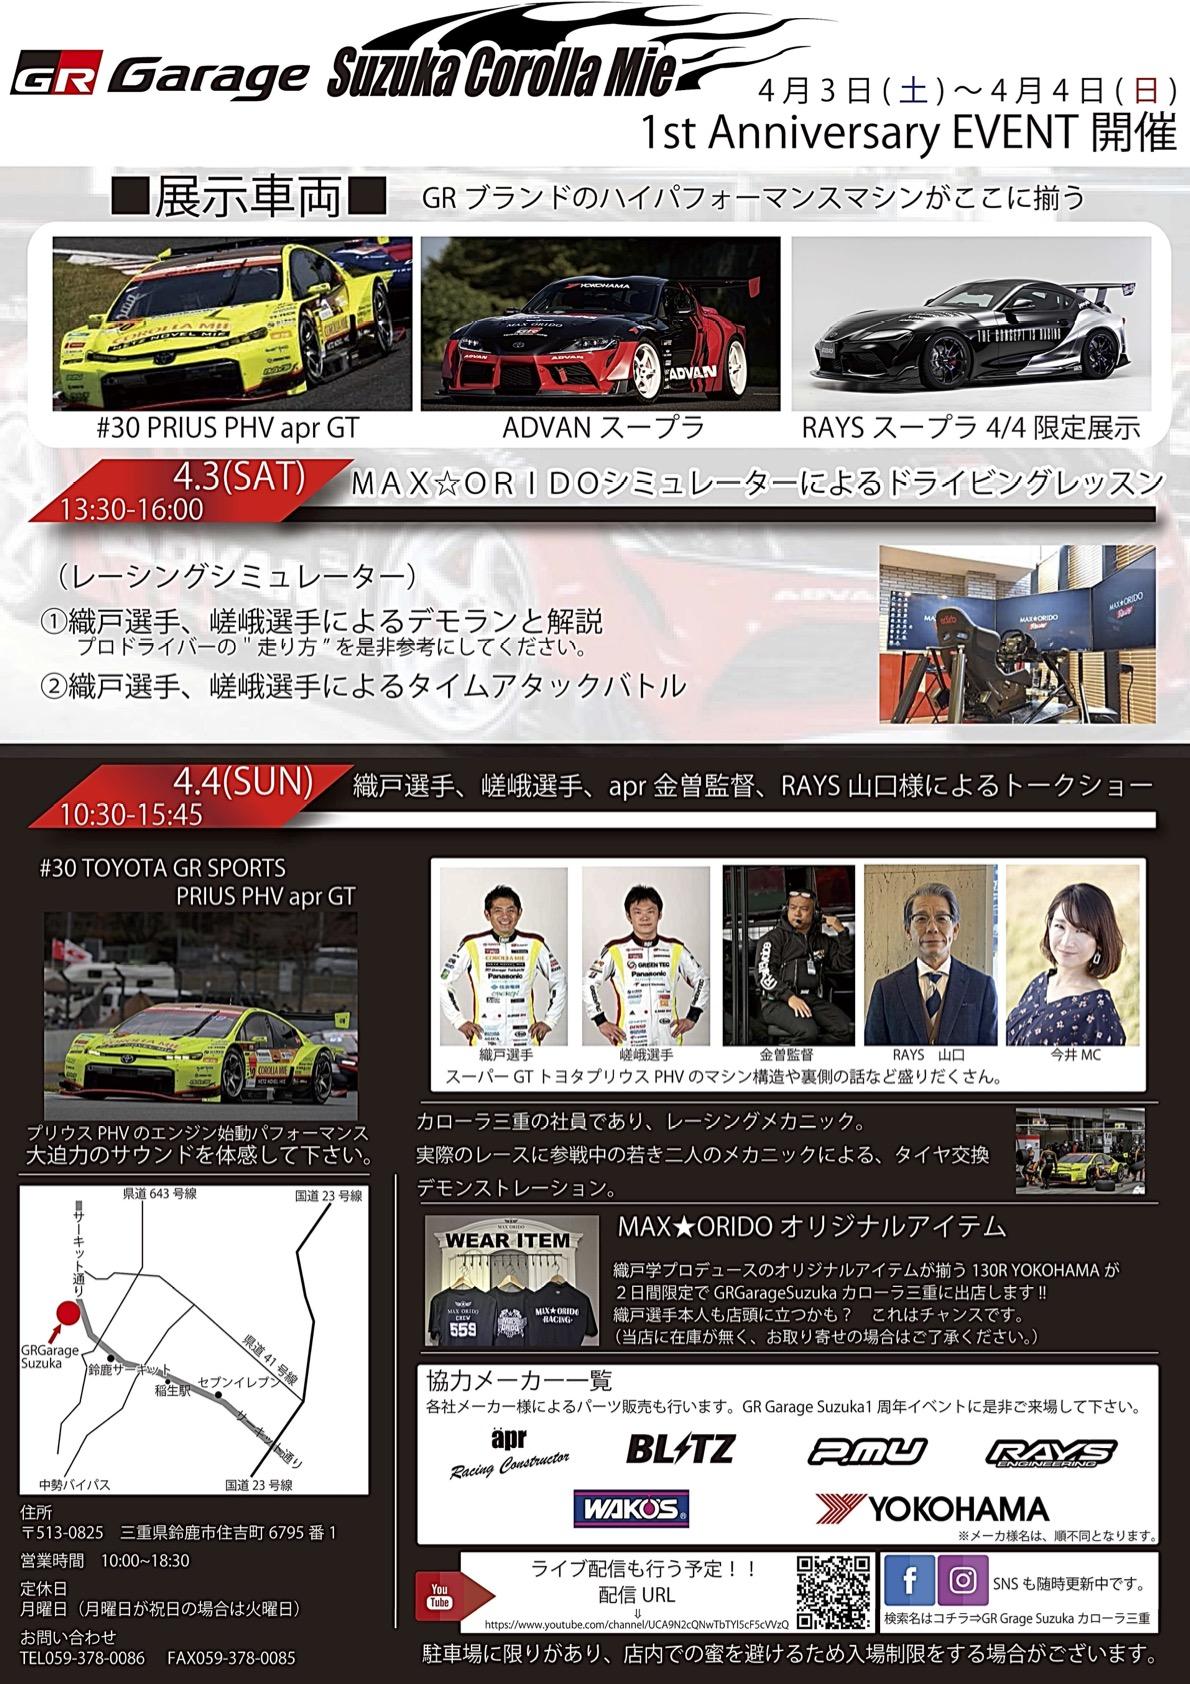 織戸選手、嵯峨選手のシミュレーターバトル、トークショーも!4/3〜4の『GR Garage Suzuka カローラ三重 1st Anniversary EVENT 』